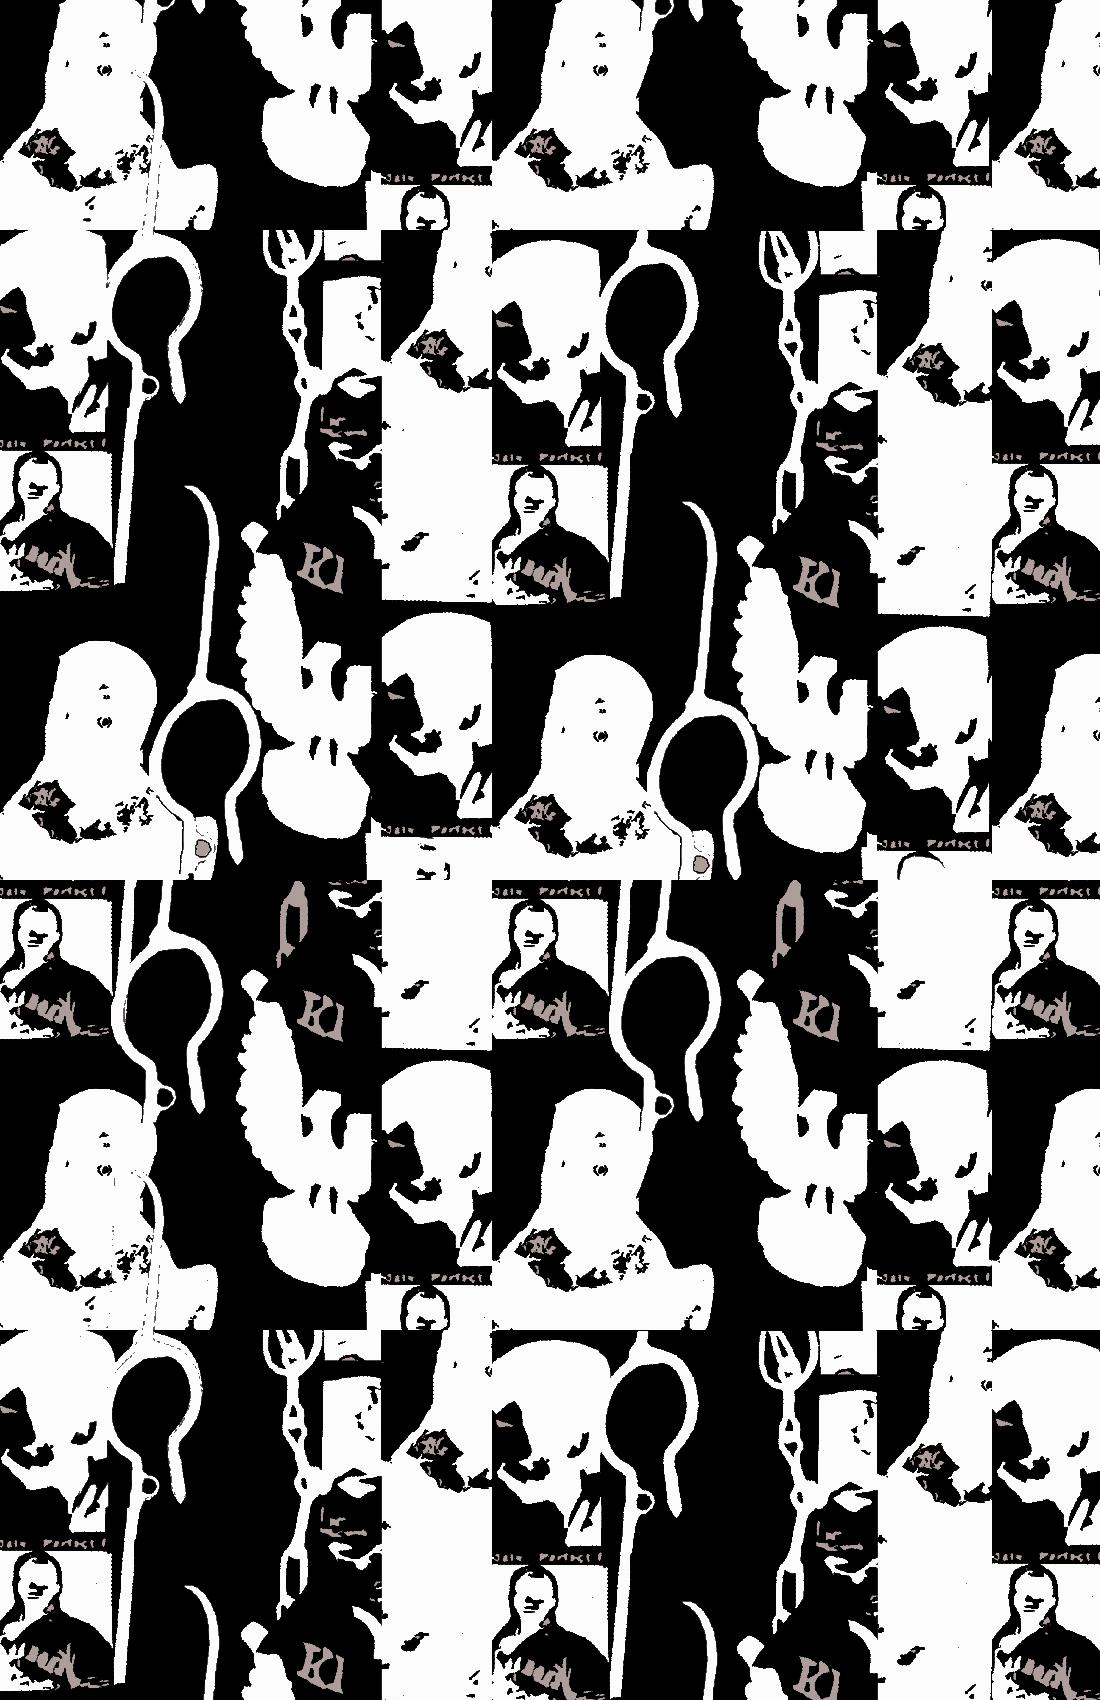 B_W_invert11x17.jpg